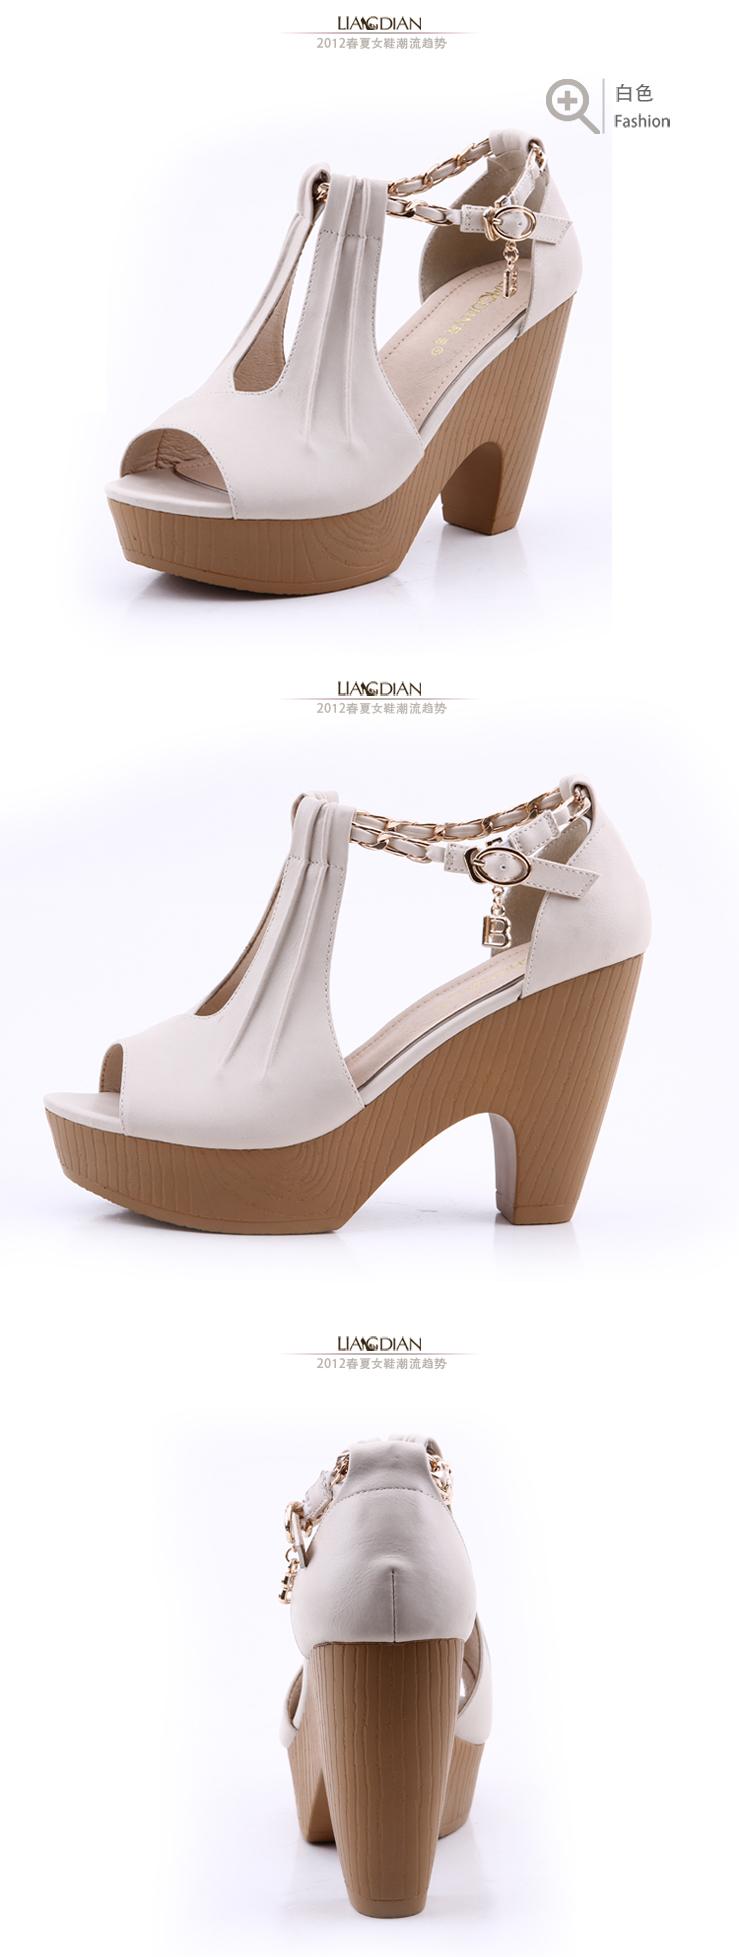 新款欧美防水台粗高跟时装凉鞋厚底鱼嘴女凉鞋28801